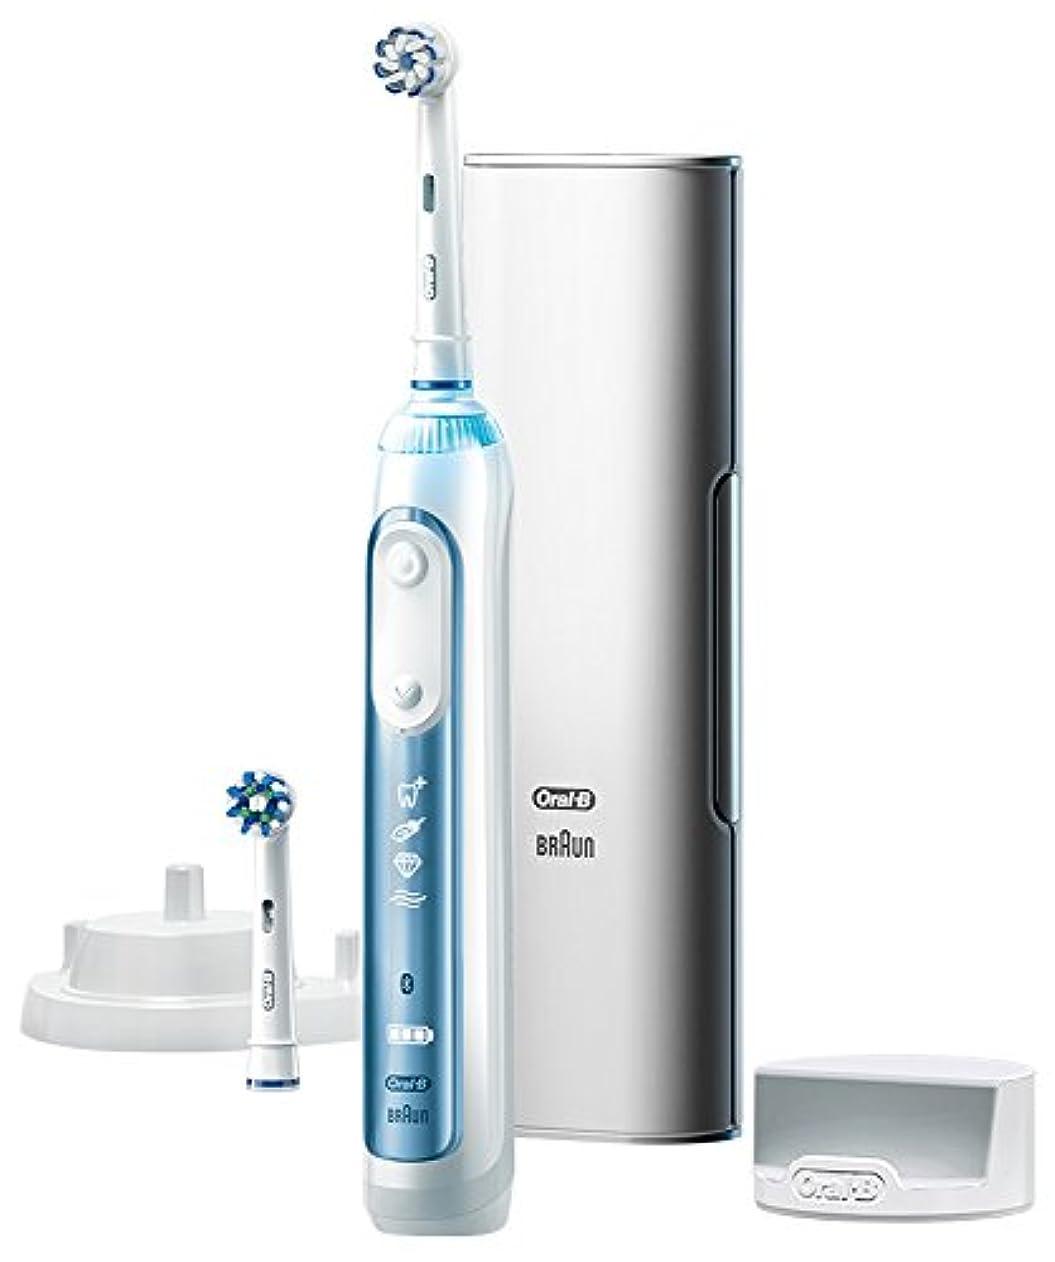 ペイントシュリンク集中ブラウン オーラルB 電動歯ブラシ スマート7000 D7005245XP D7005245XP